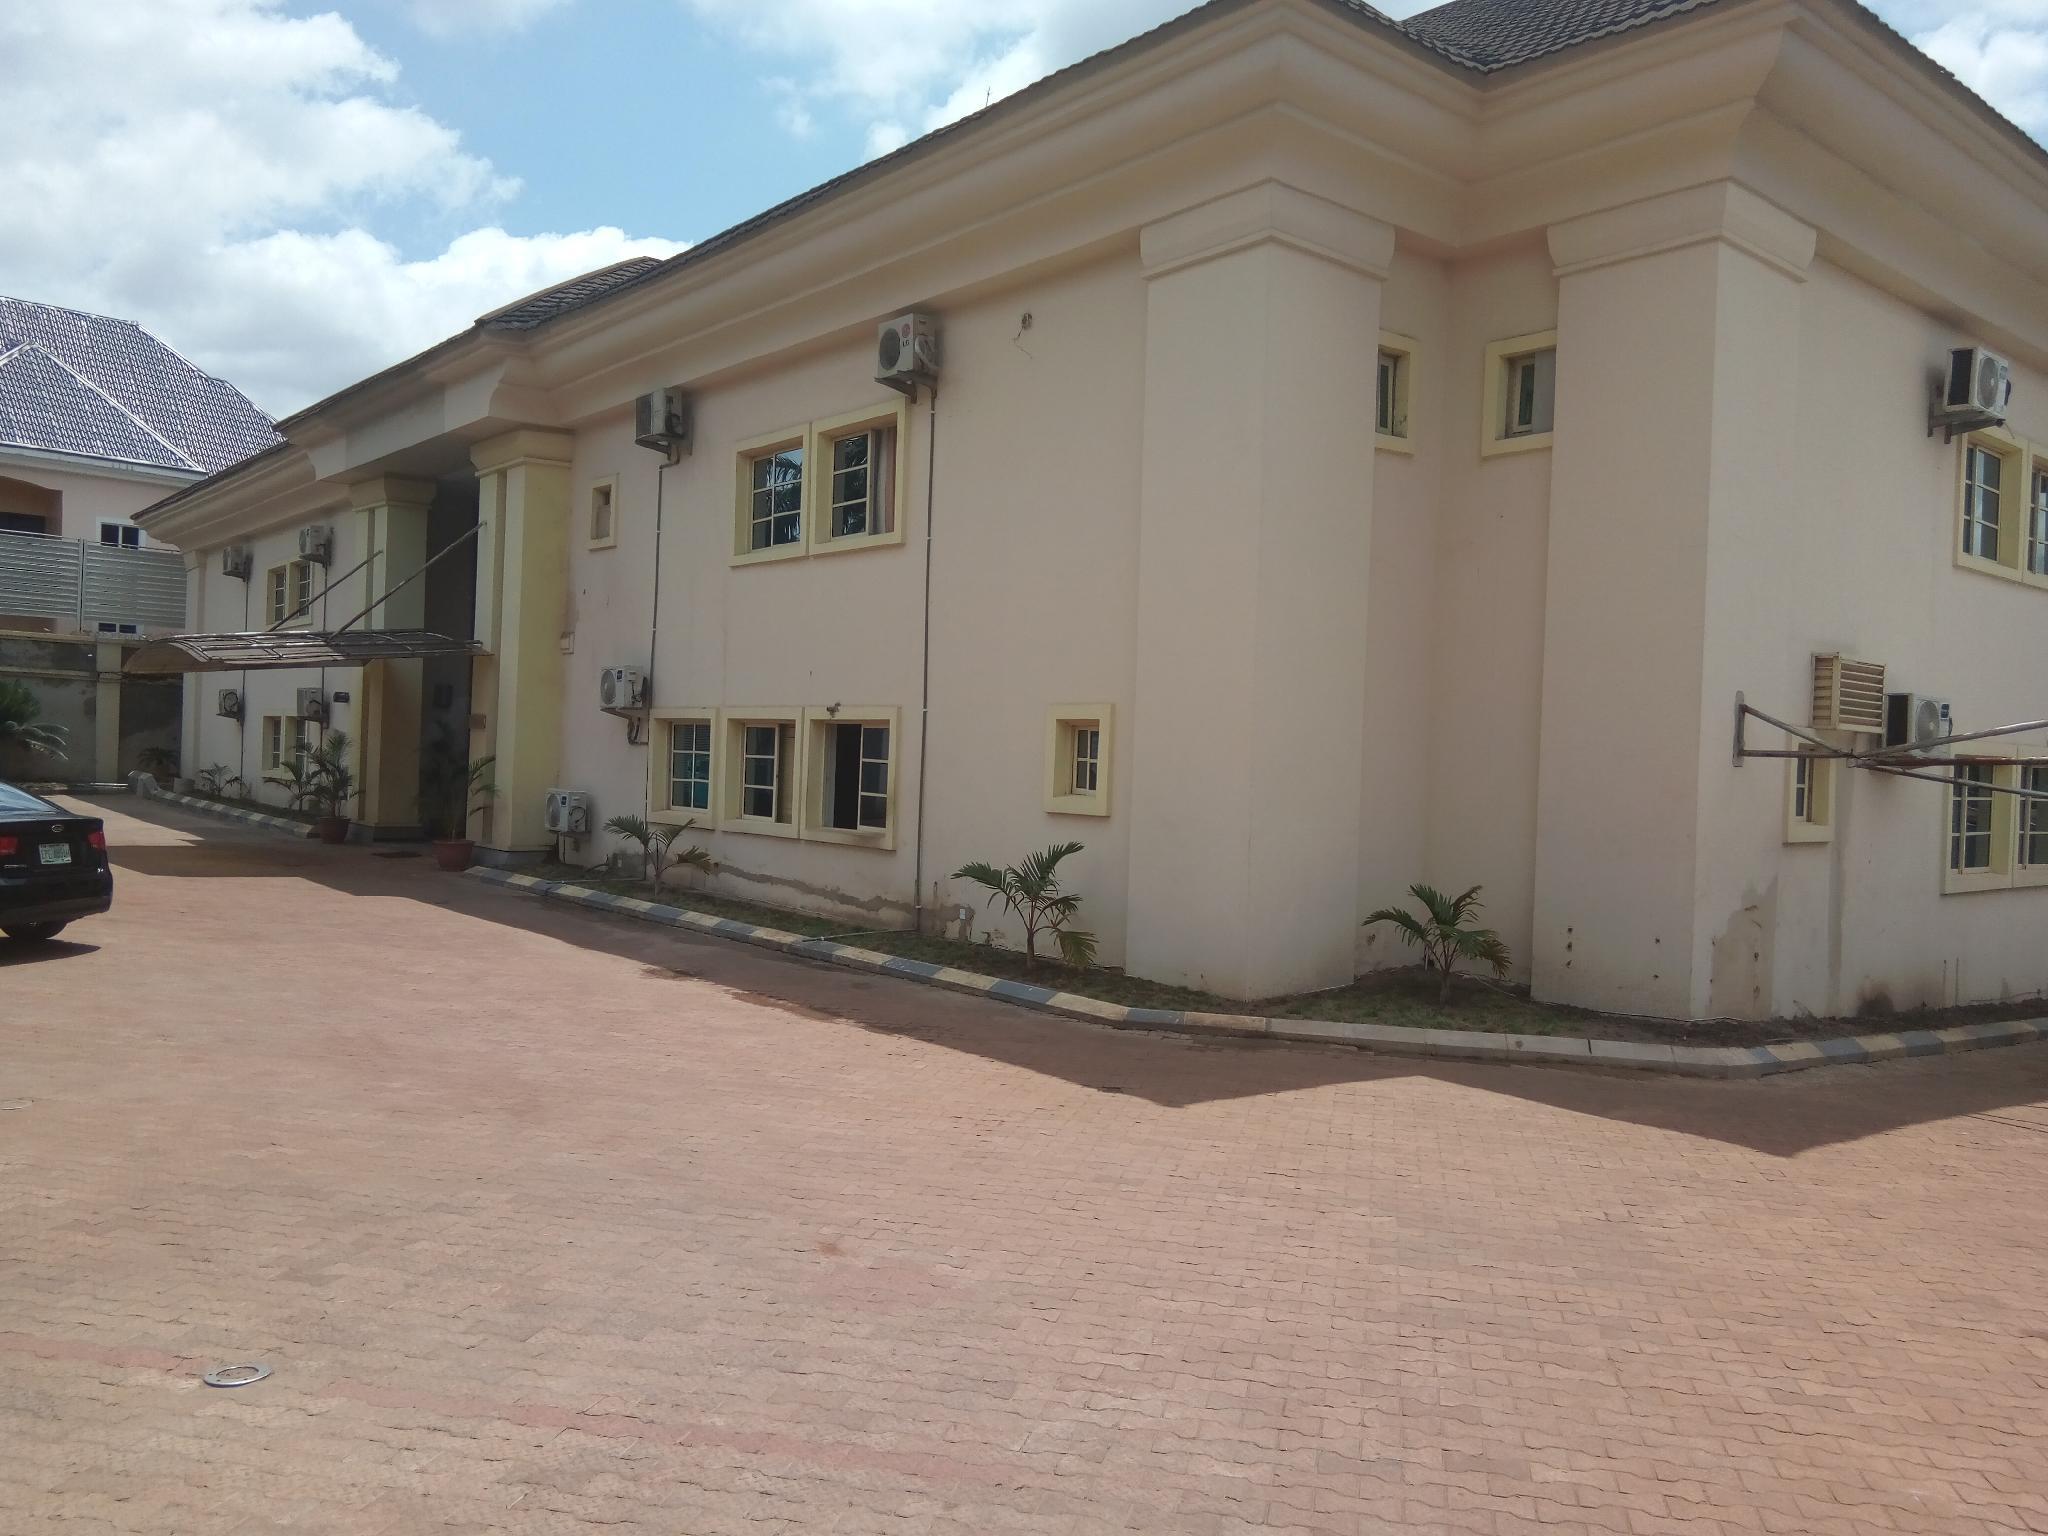 Eden Crest Hotel And Resort